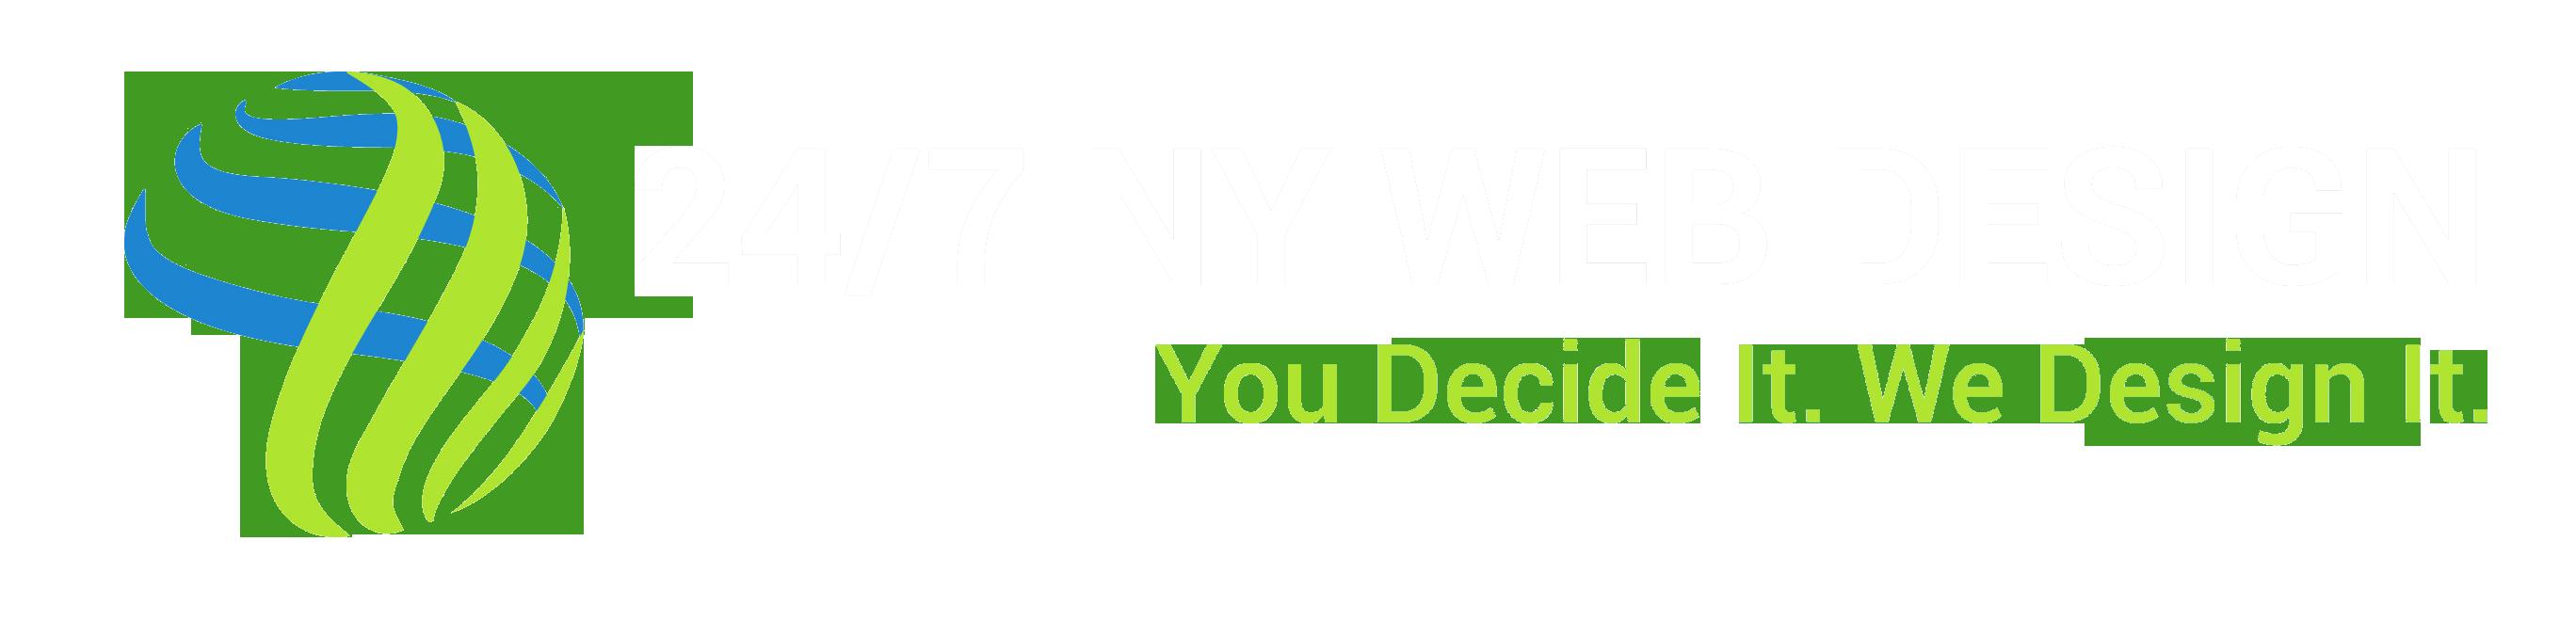 24/7 NY Web Design